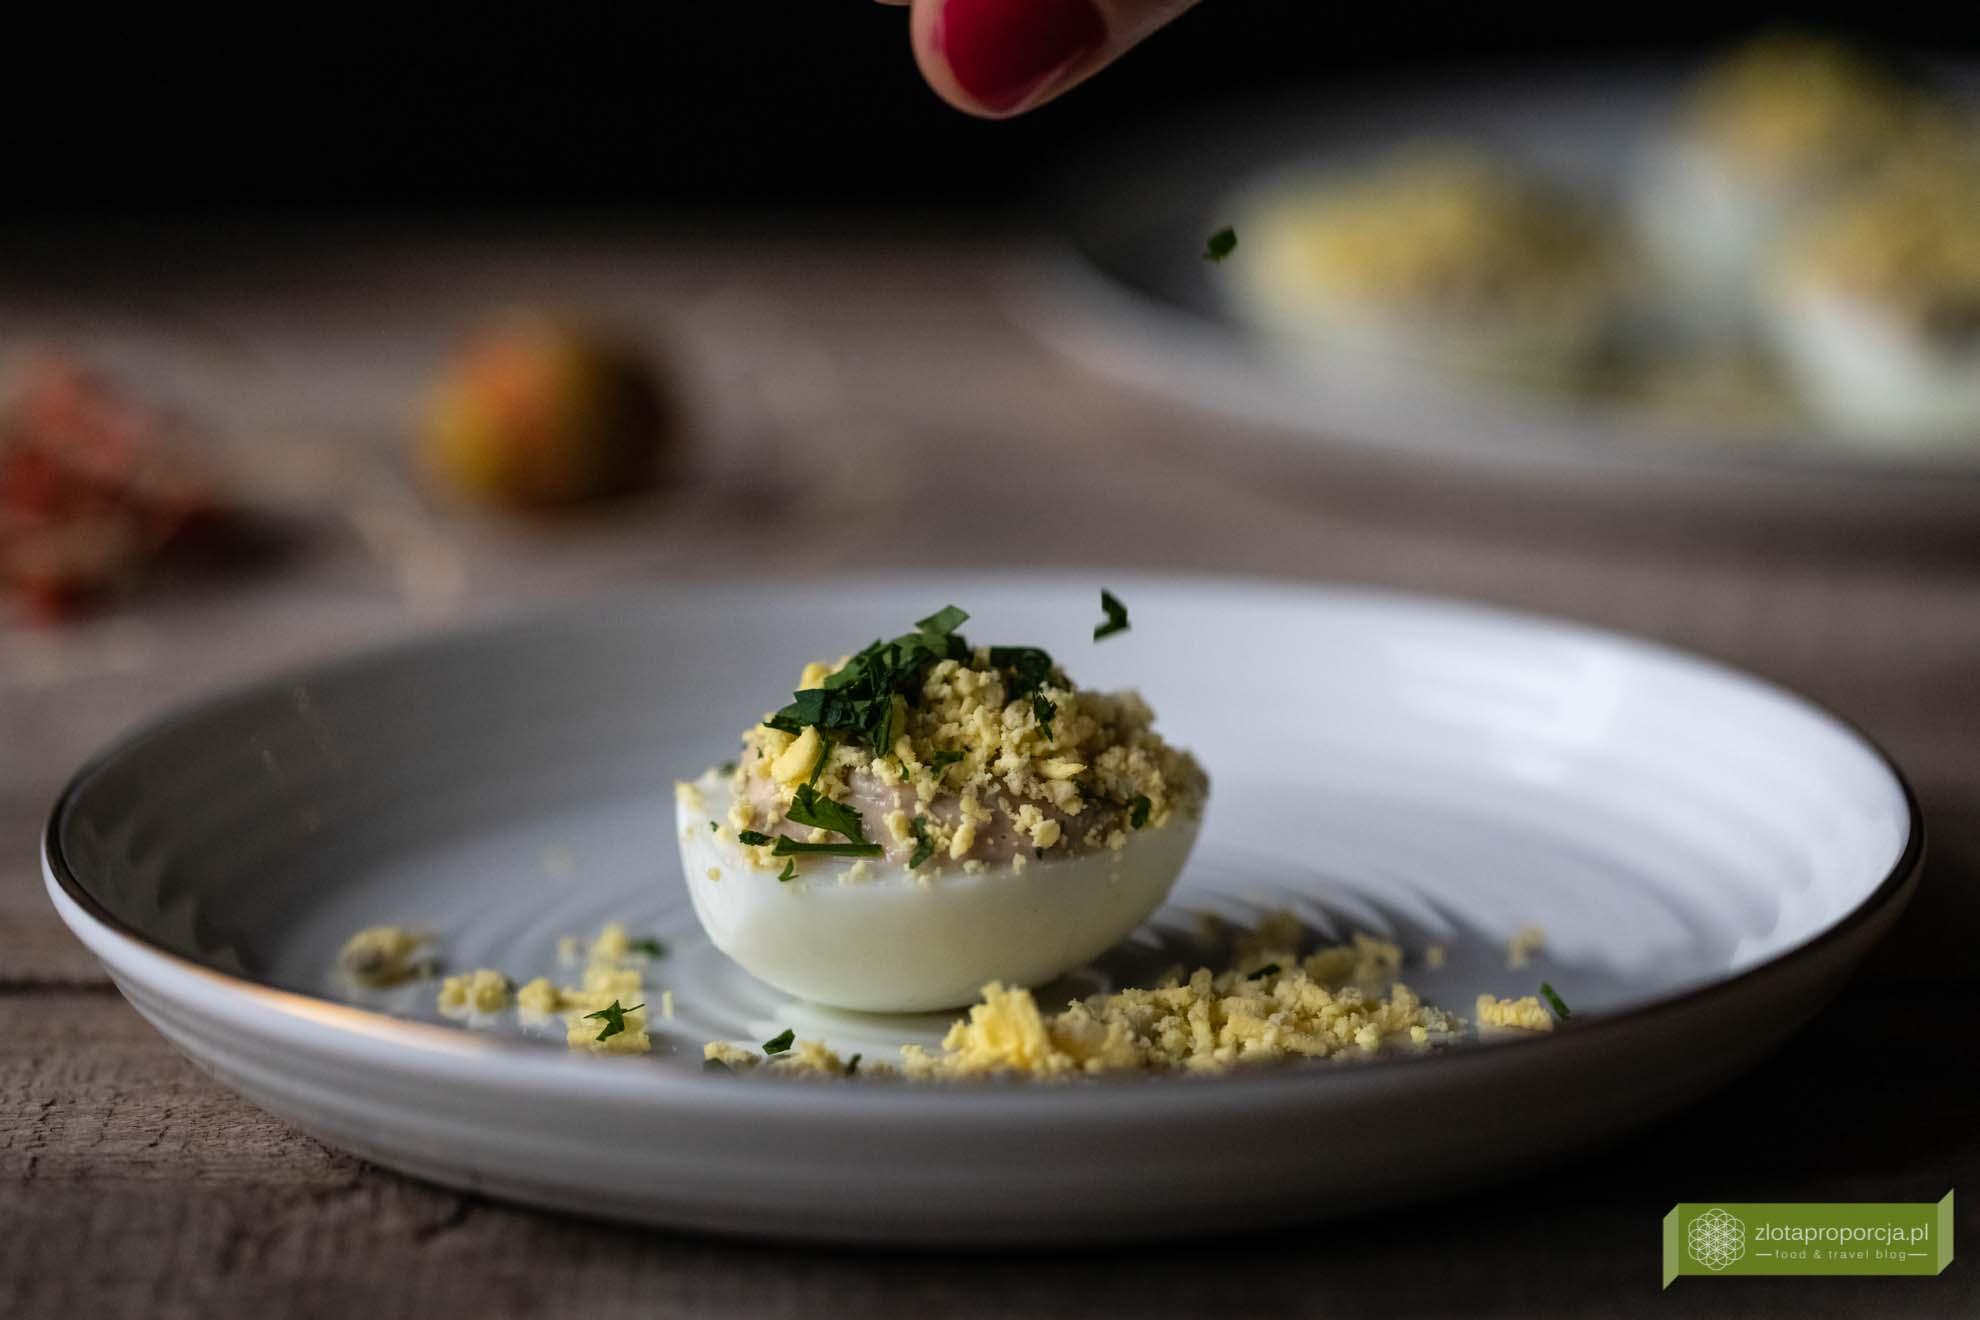 jajka mimoza; jajka faszerowane; jajka faszerowane tuńczykiem; jajka faszerowane z tuńczykiem; jajka pod pierzynką; jajka wielkanocne; potrawy świąteczne; potrawy wielkanocne; uova mimosa